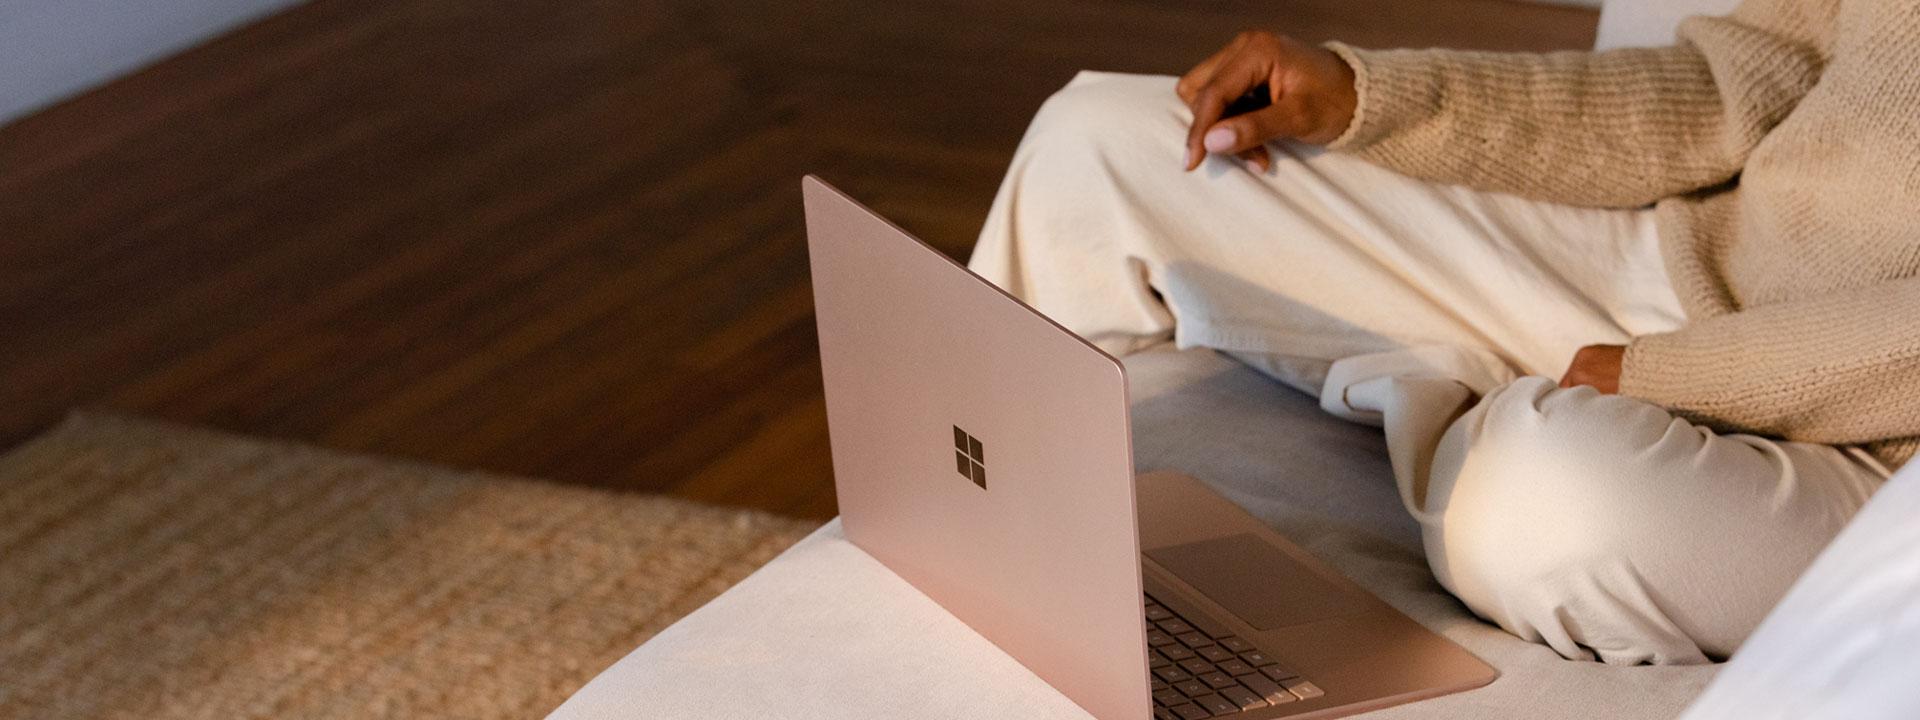 沙發上的女人坐在 Surface Laptop 3 前方